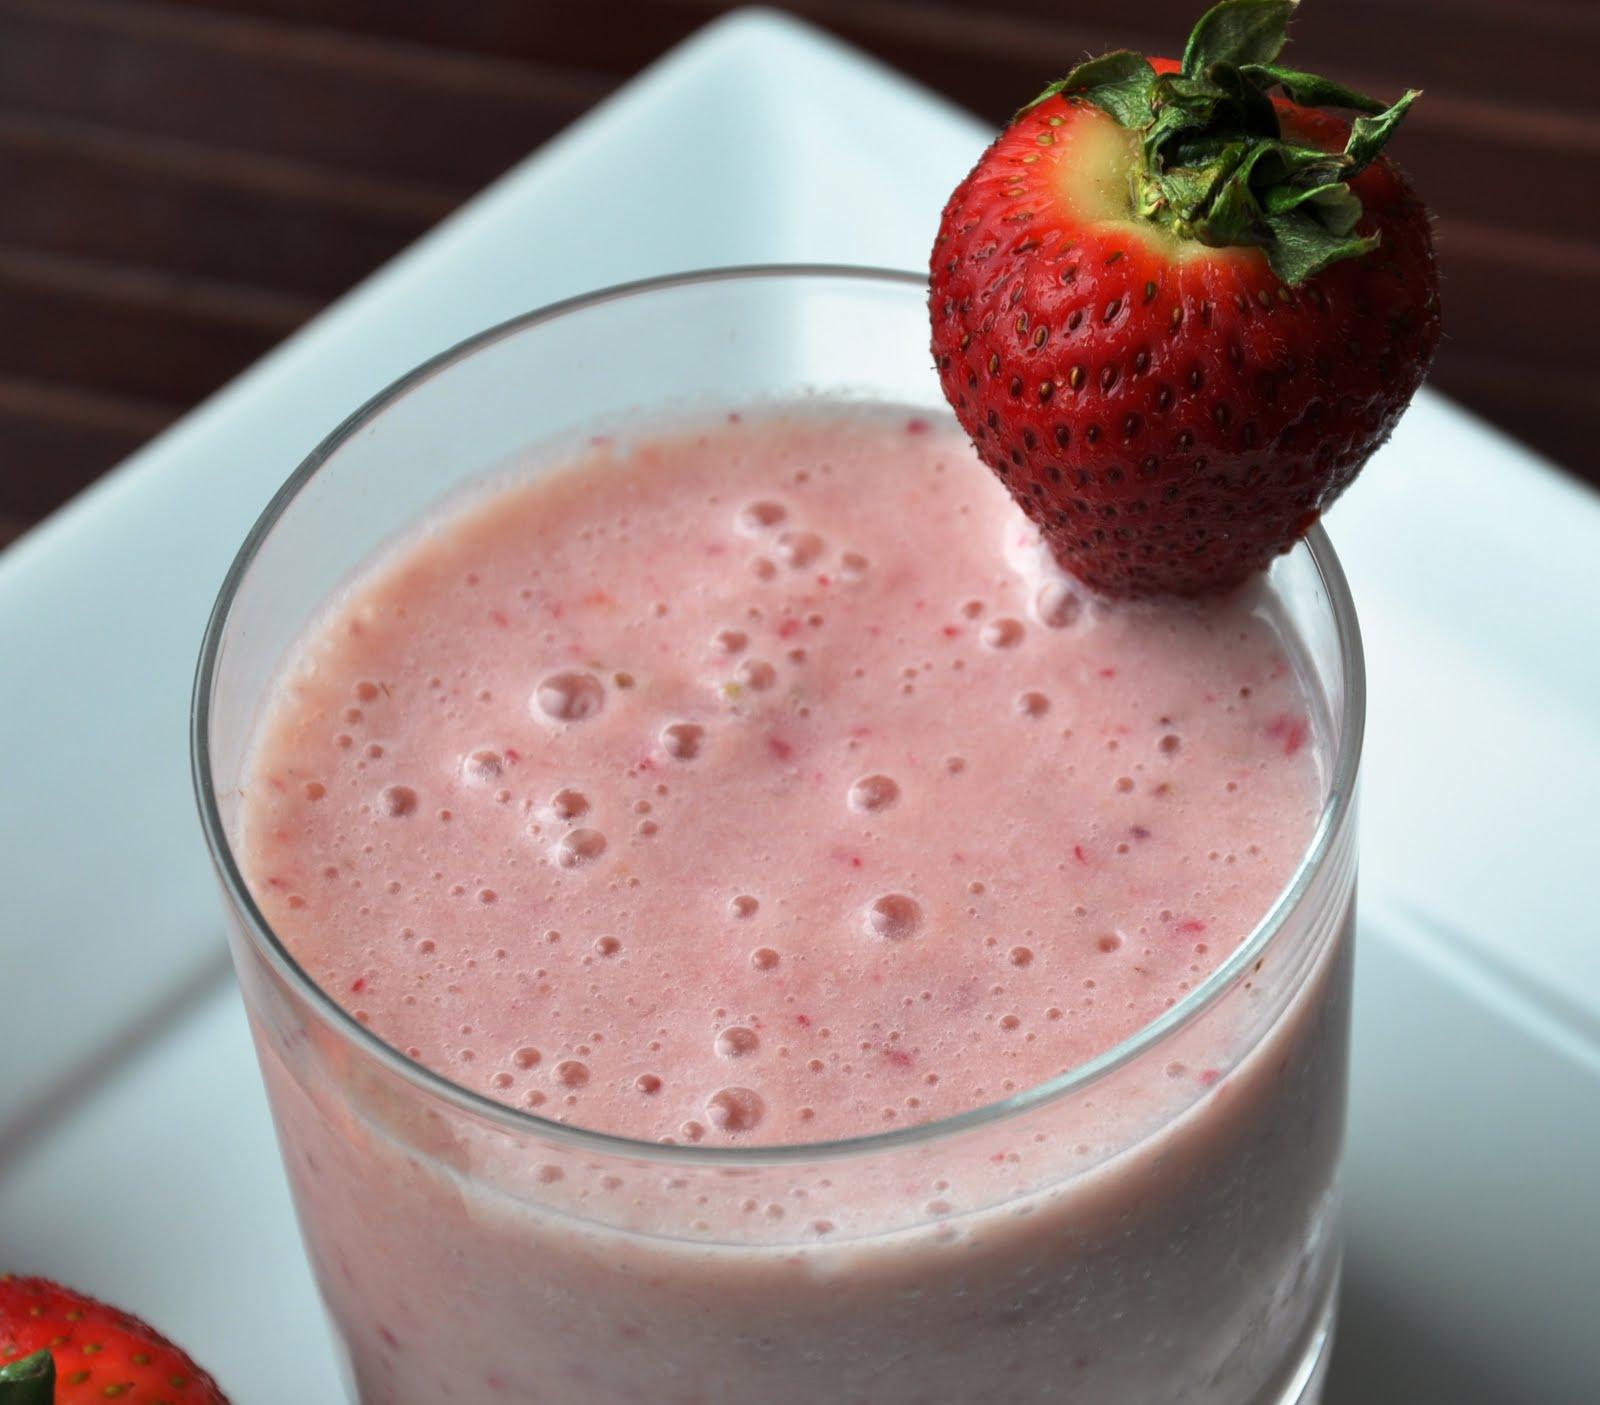 Strawberry Banana Smoothie For My Bff Jhiane Honey